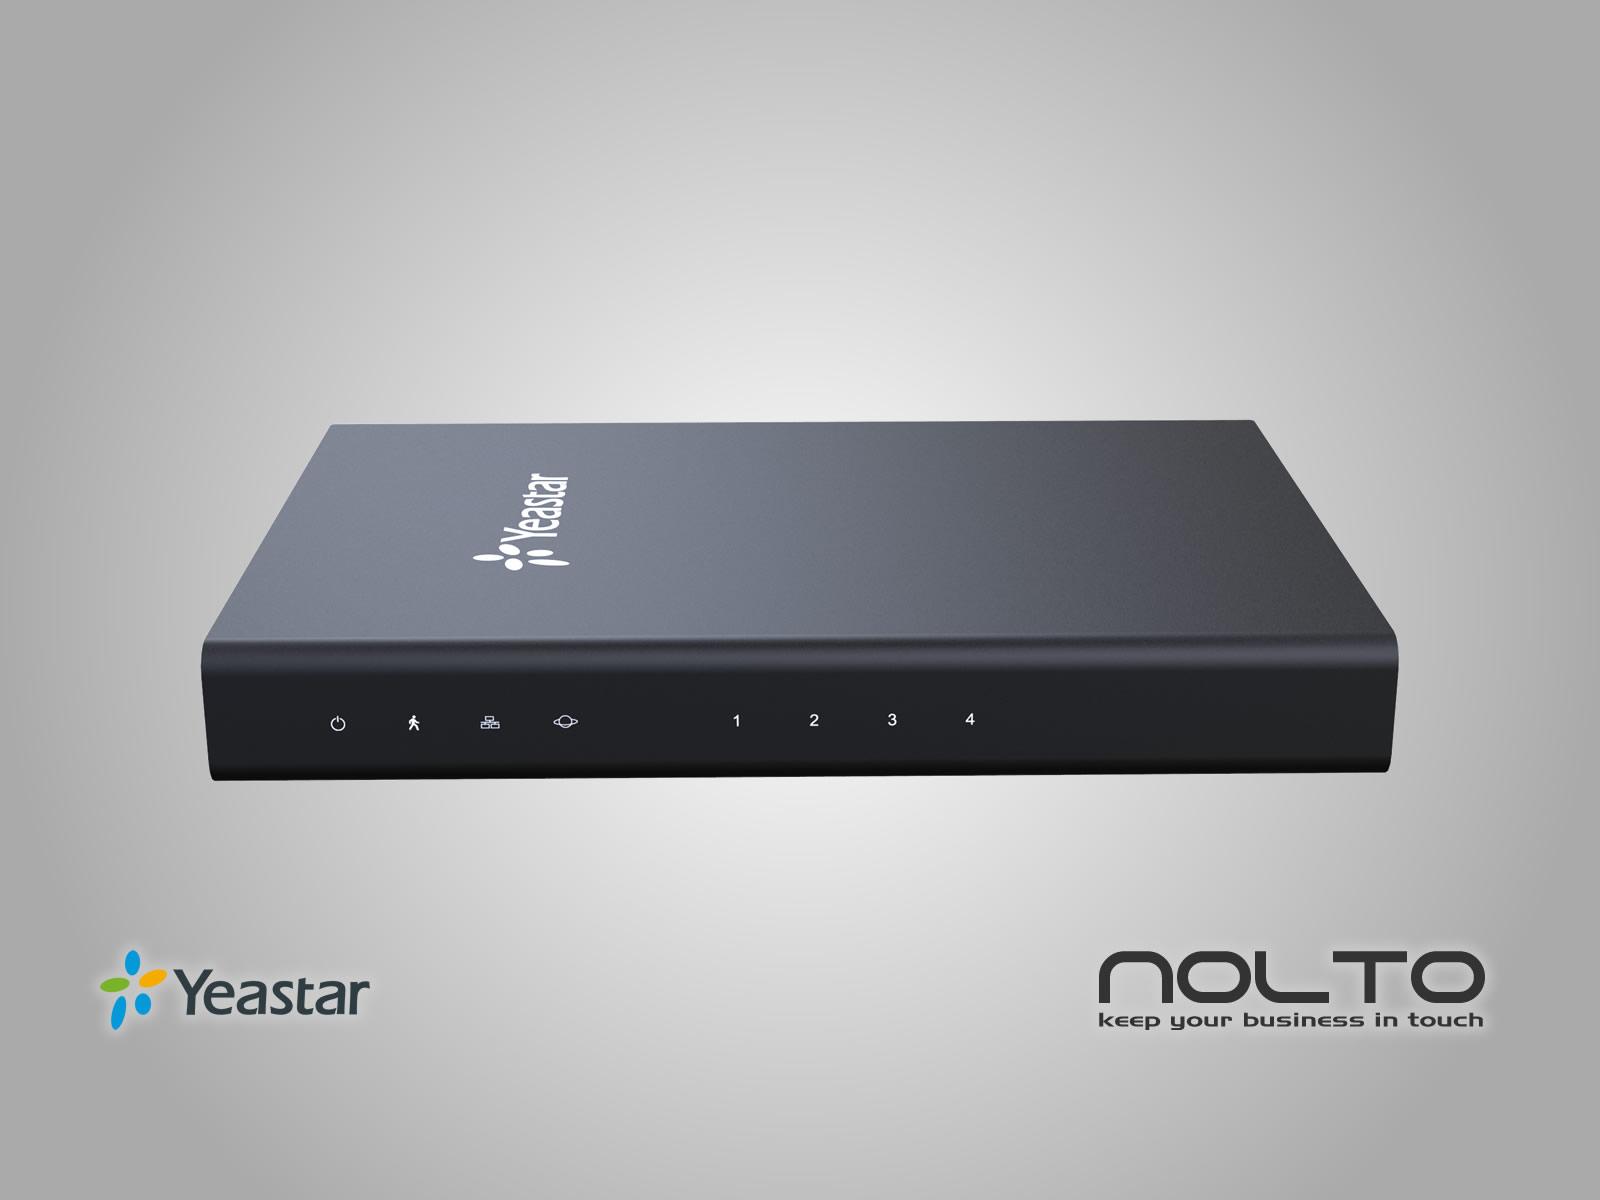 Yeastar TA400 FXS VoIP Gateway